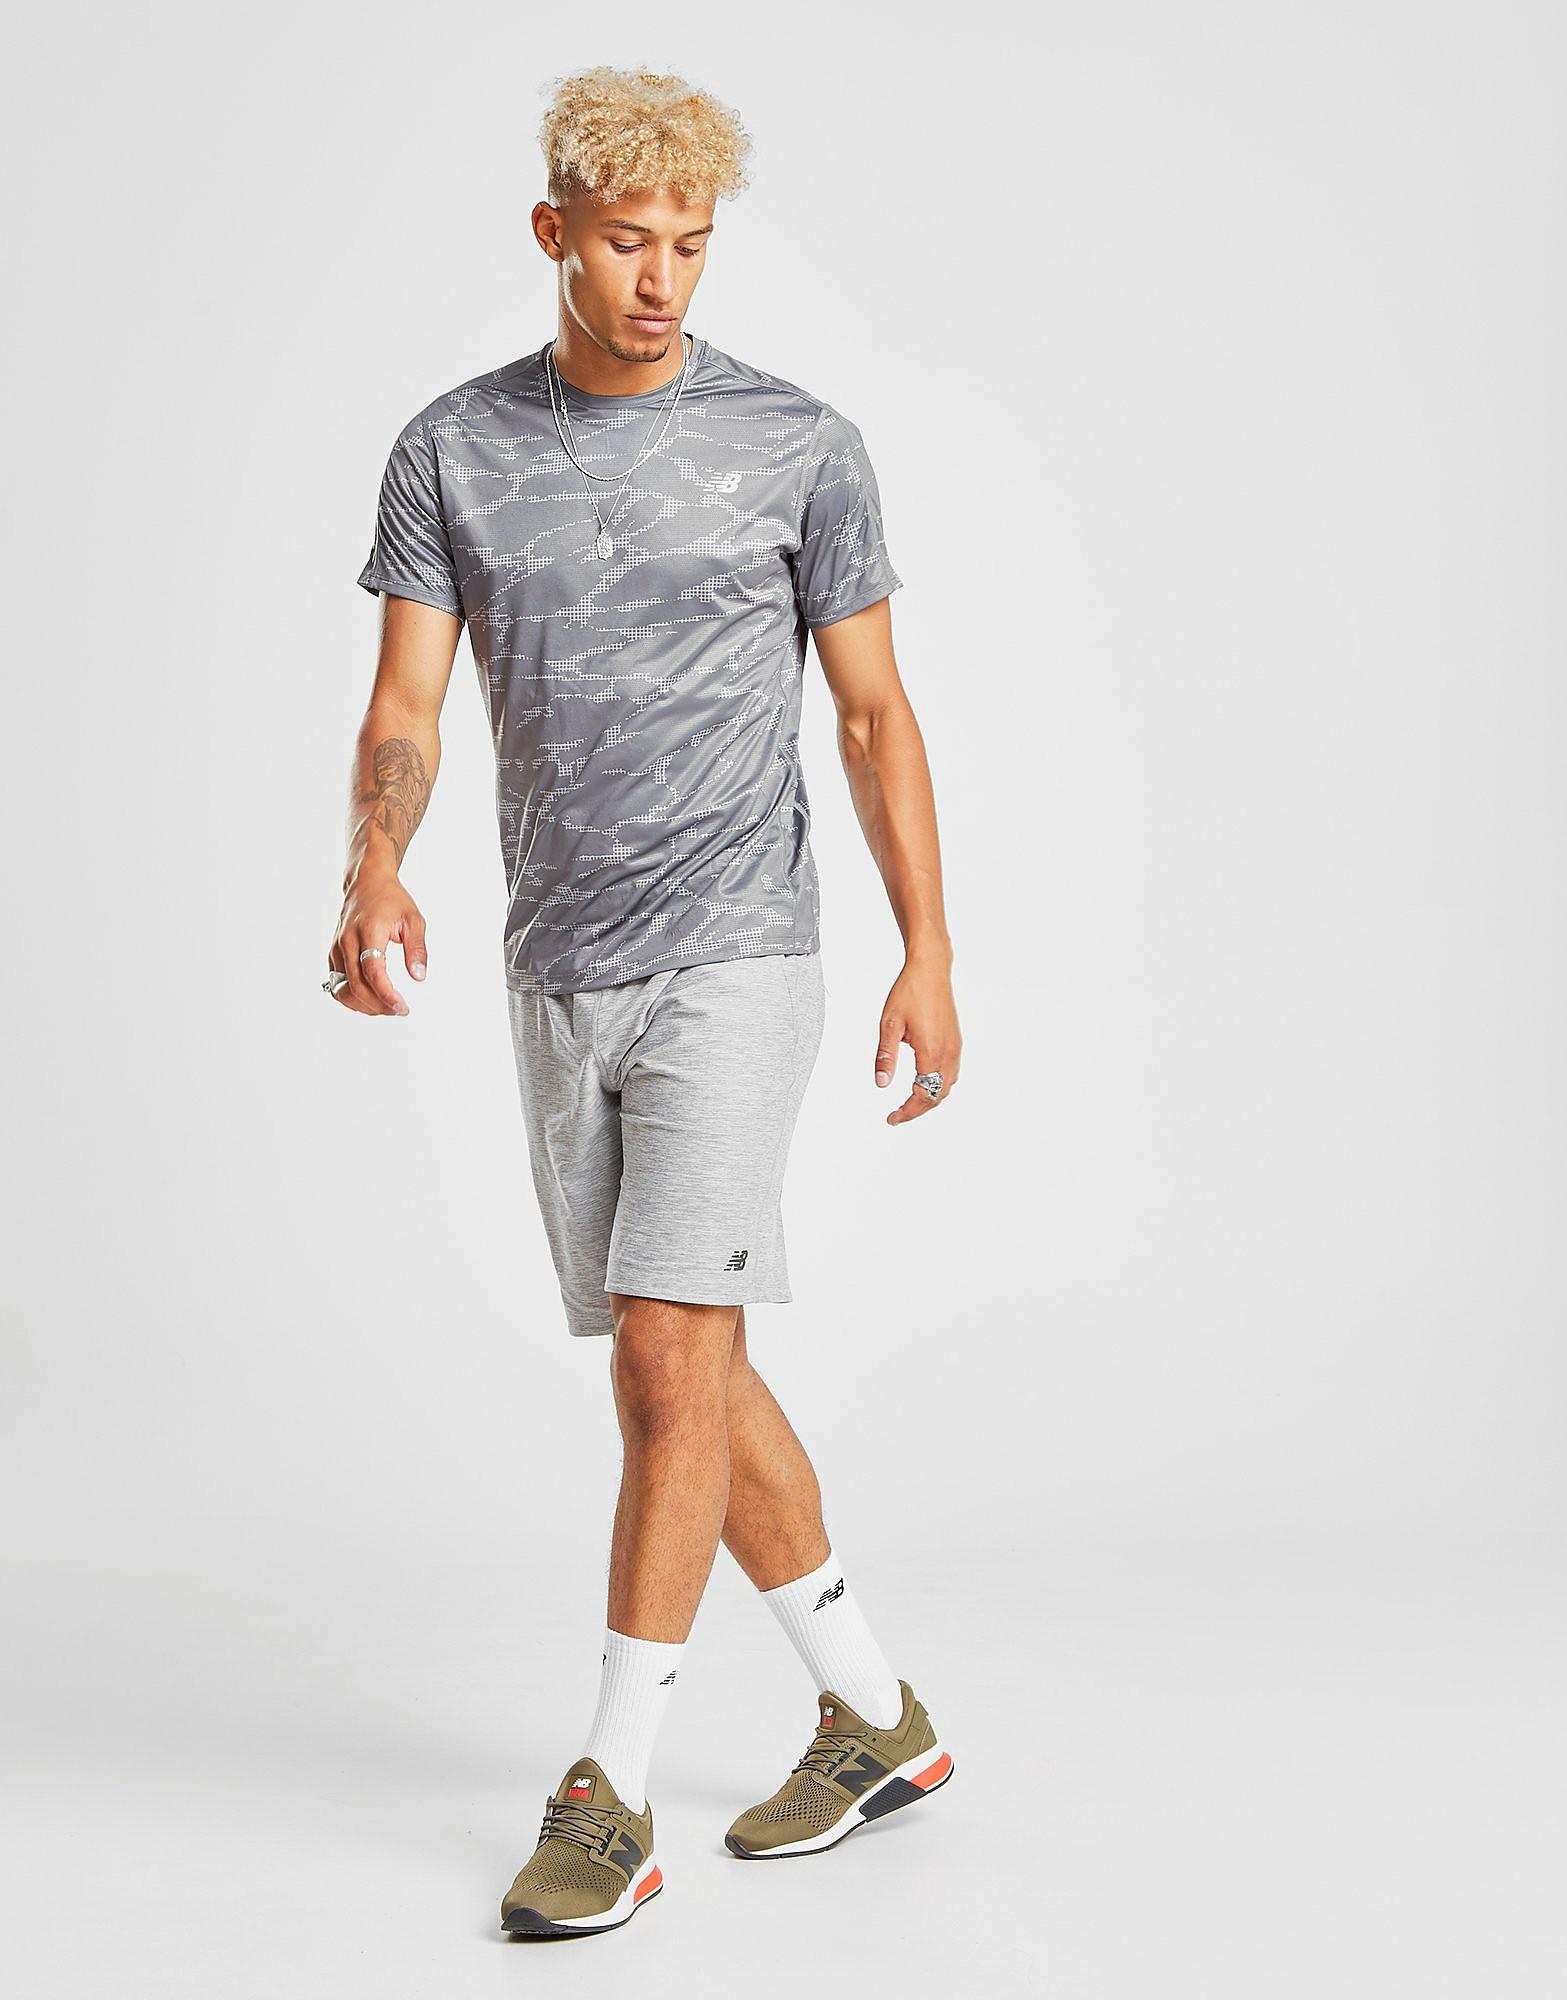 New Balance Accelerate All Over Print T-Shirt Heren - Grijs - Heren